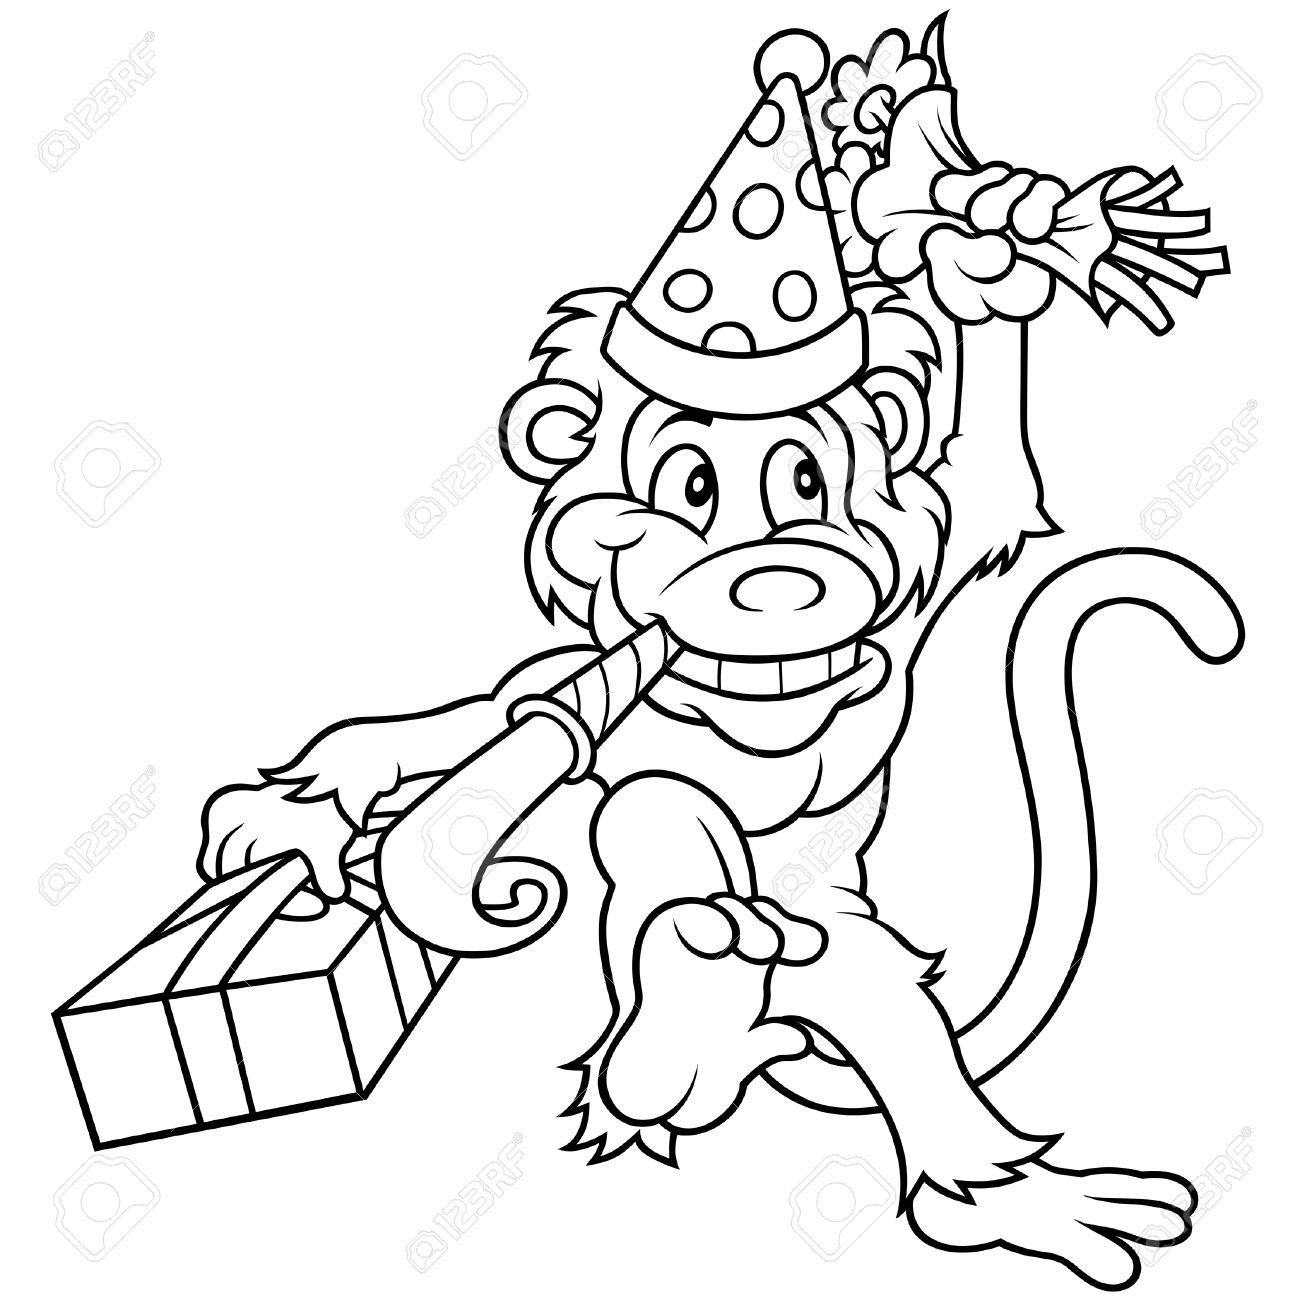 Новогодняя картинка раскраска с обезьянкой